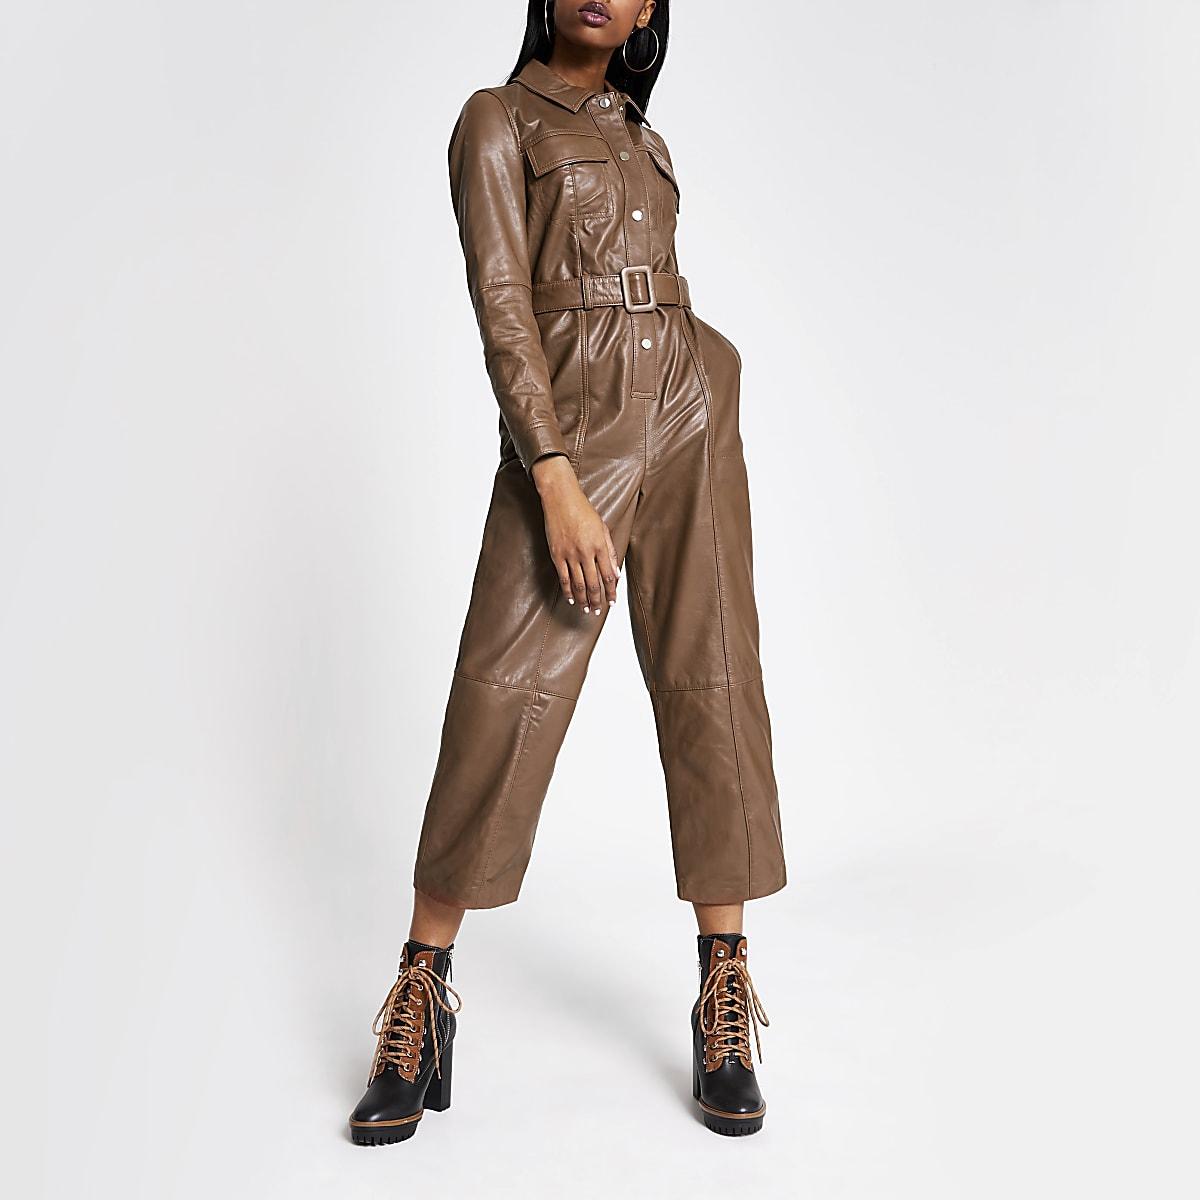 Combinaison en cuir marronà manches longues et ceinture